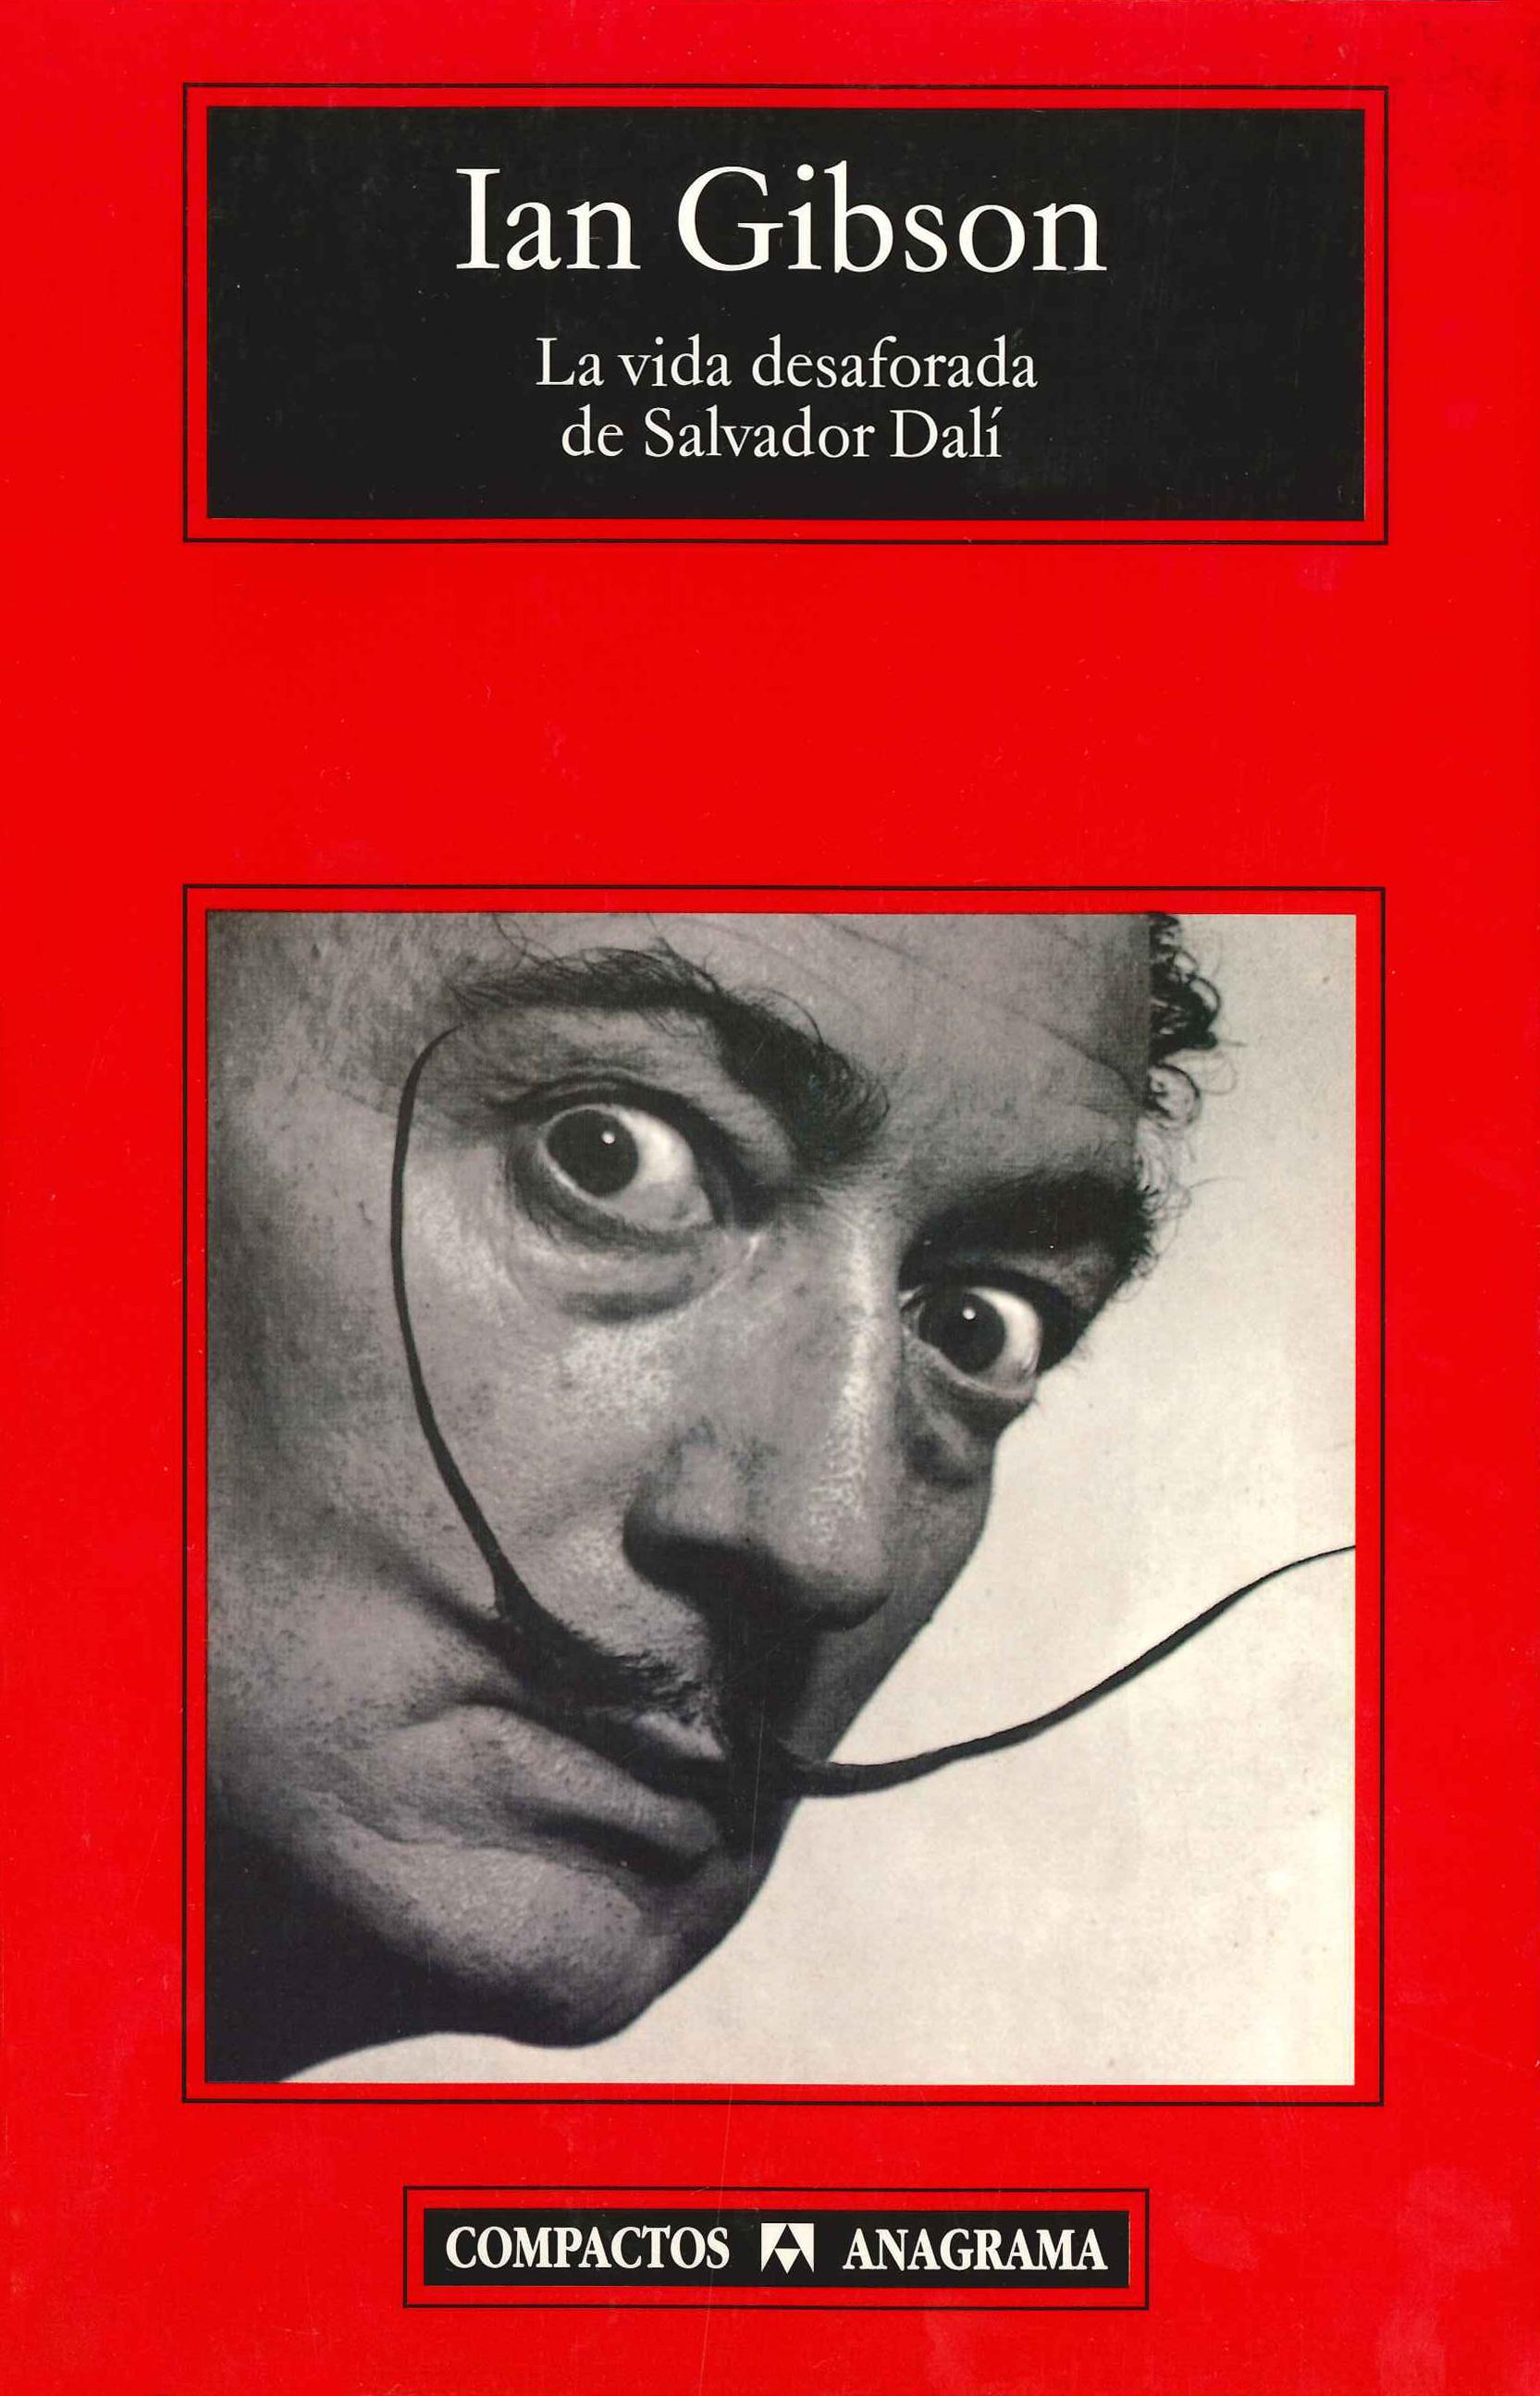 Resultado de imagen de <i>La vida desaforada de Salvador Dalí</i>, de Ian Gibson.